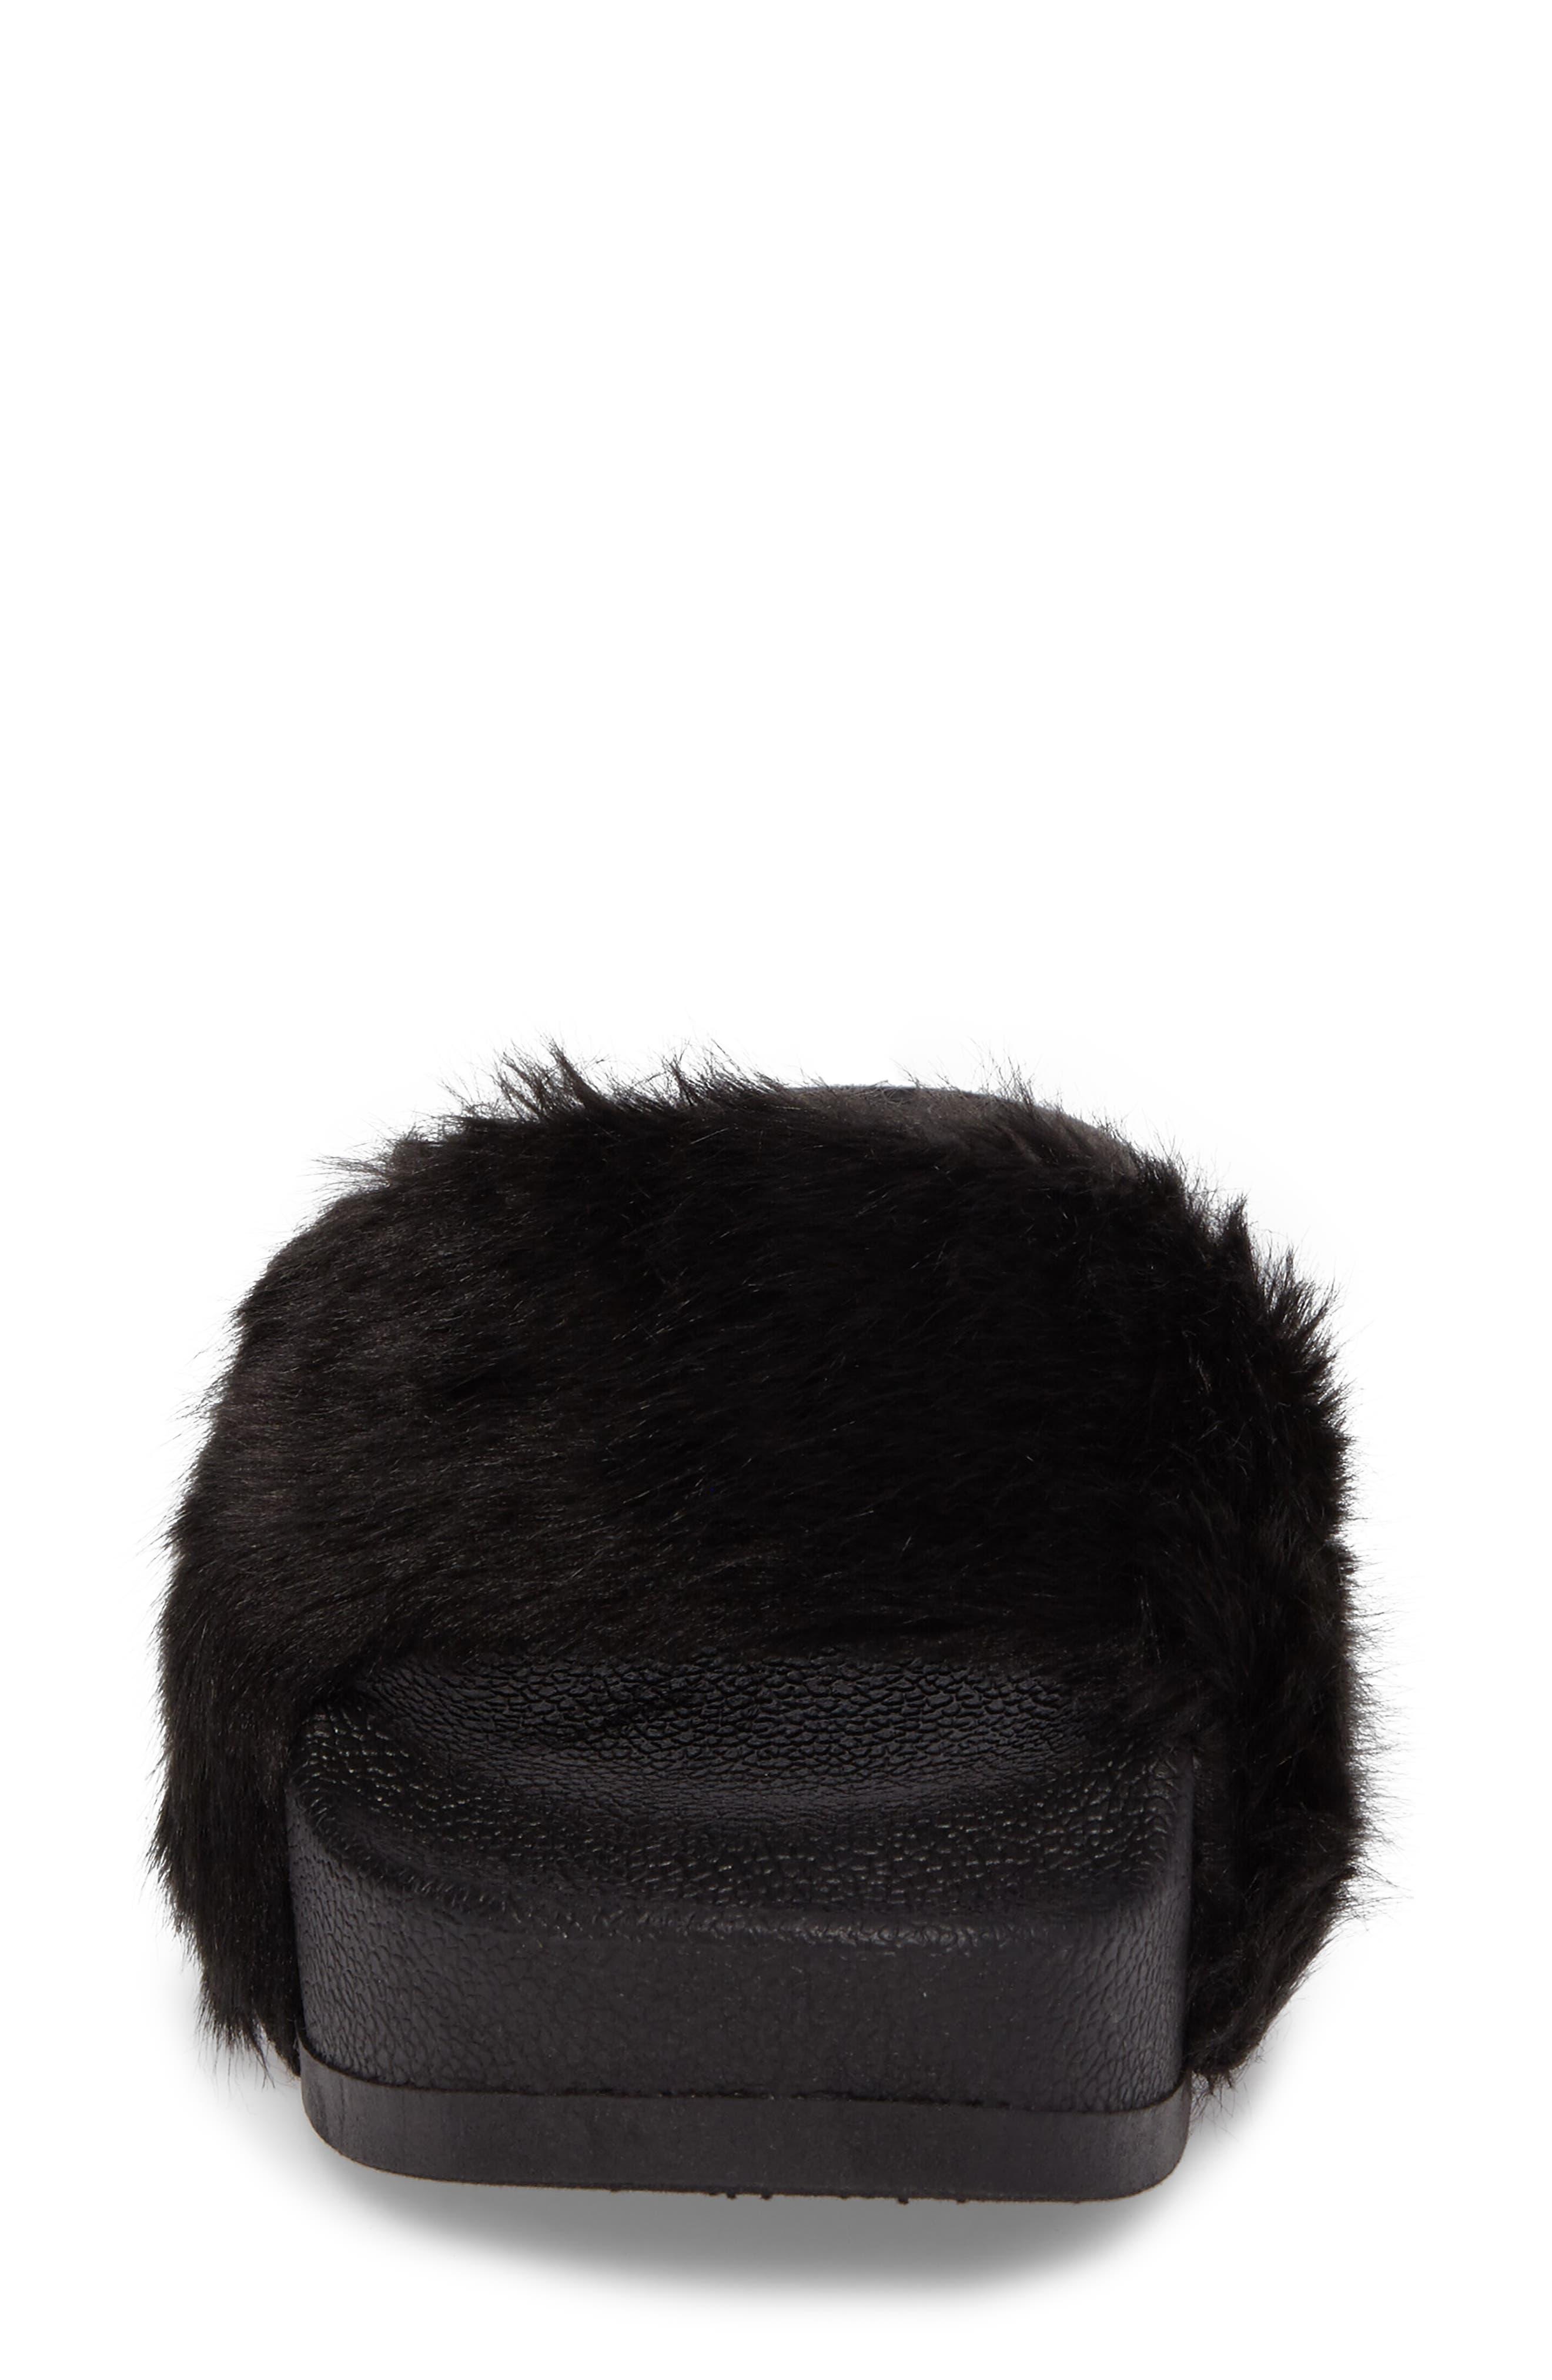 STEVE MADDEN,                             Softey Faux Fur Platform Slide,                             Alternate thumbnail 4, color,                             001